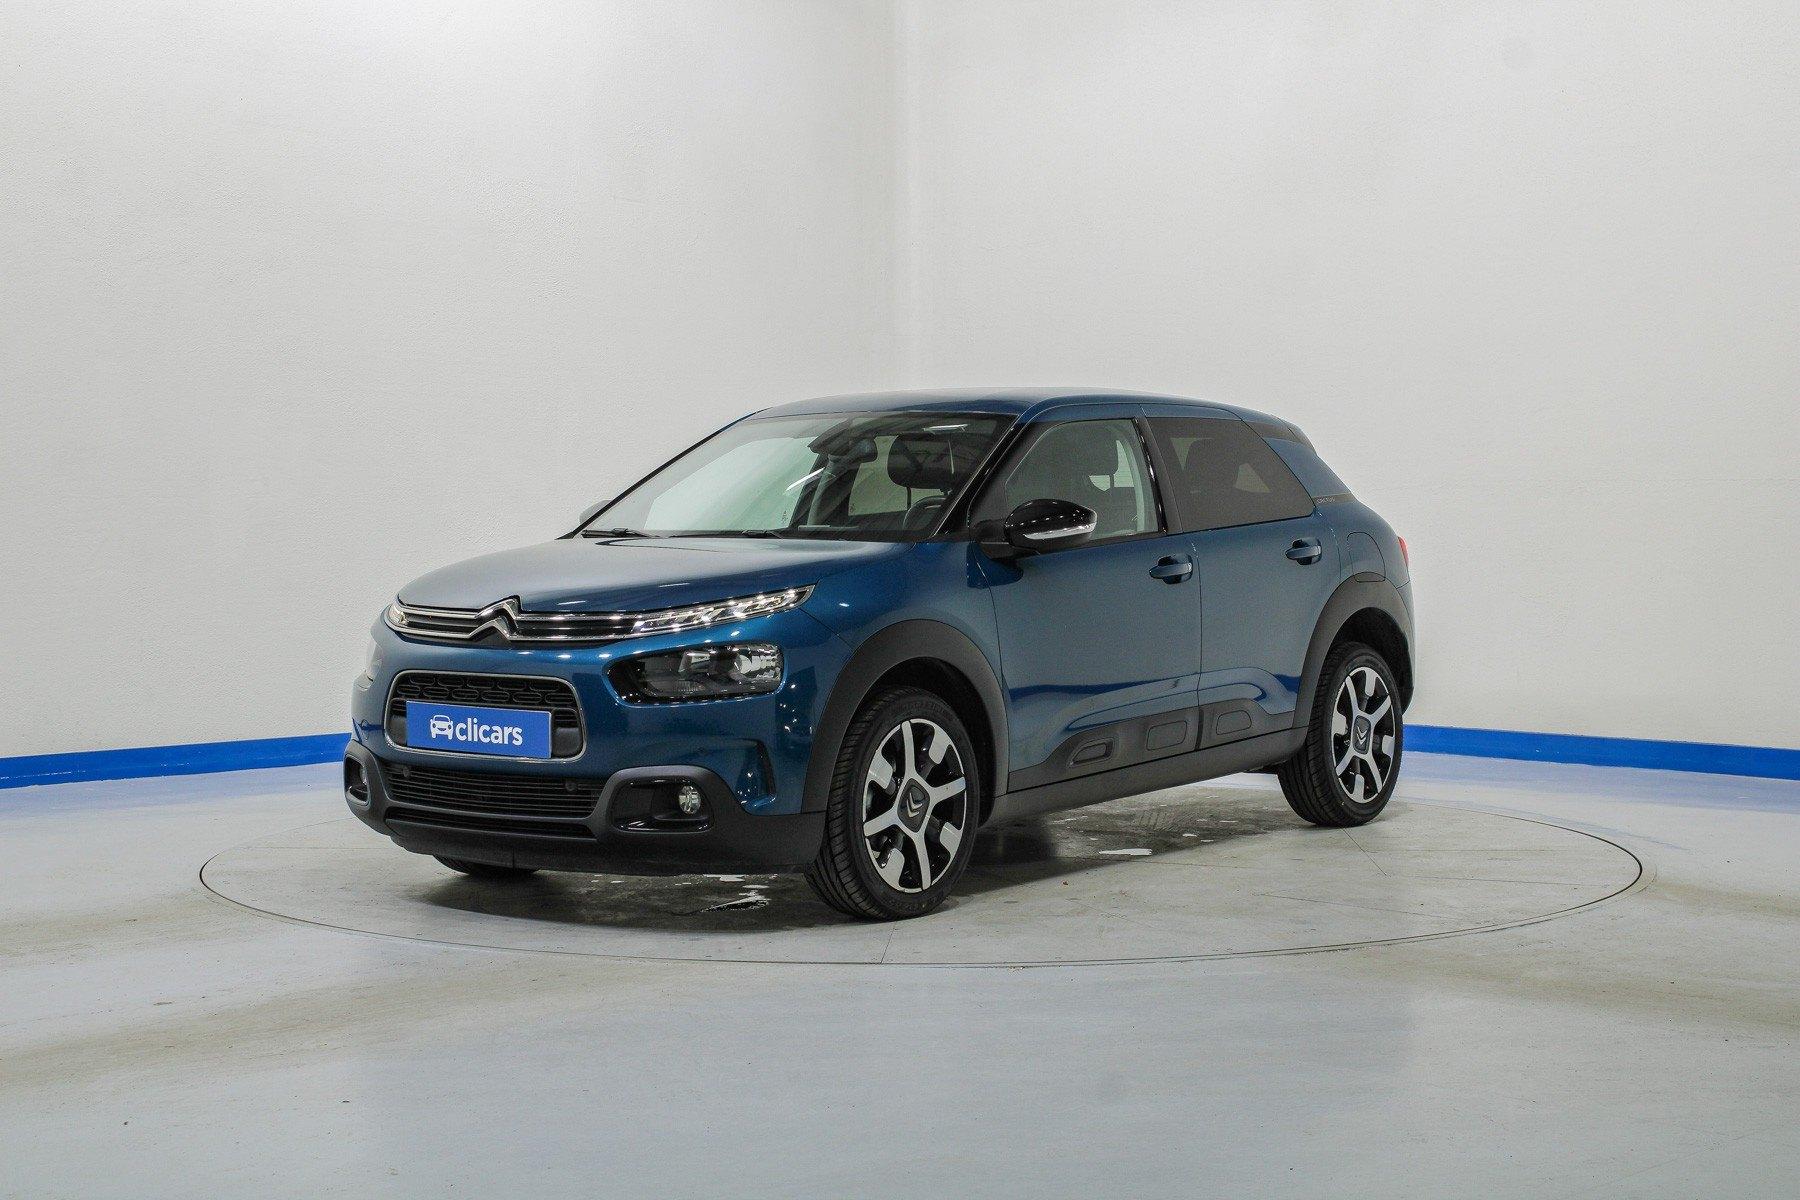 Citroën C4 Cactus Gasolina PureTech 81KW (110CV) S&S EAT6 Shine 1